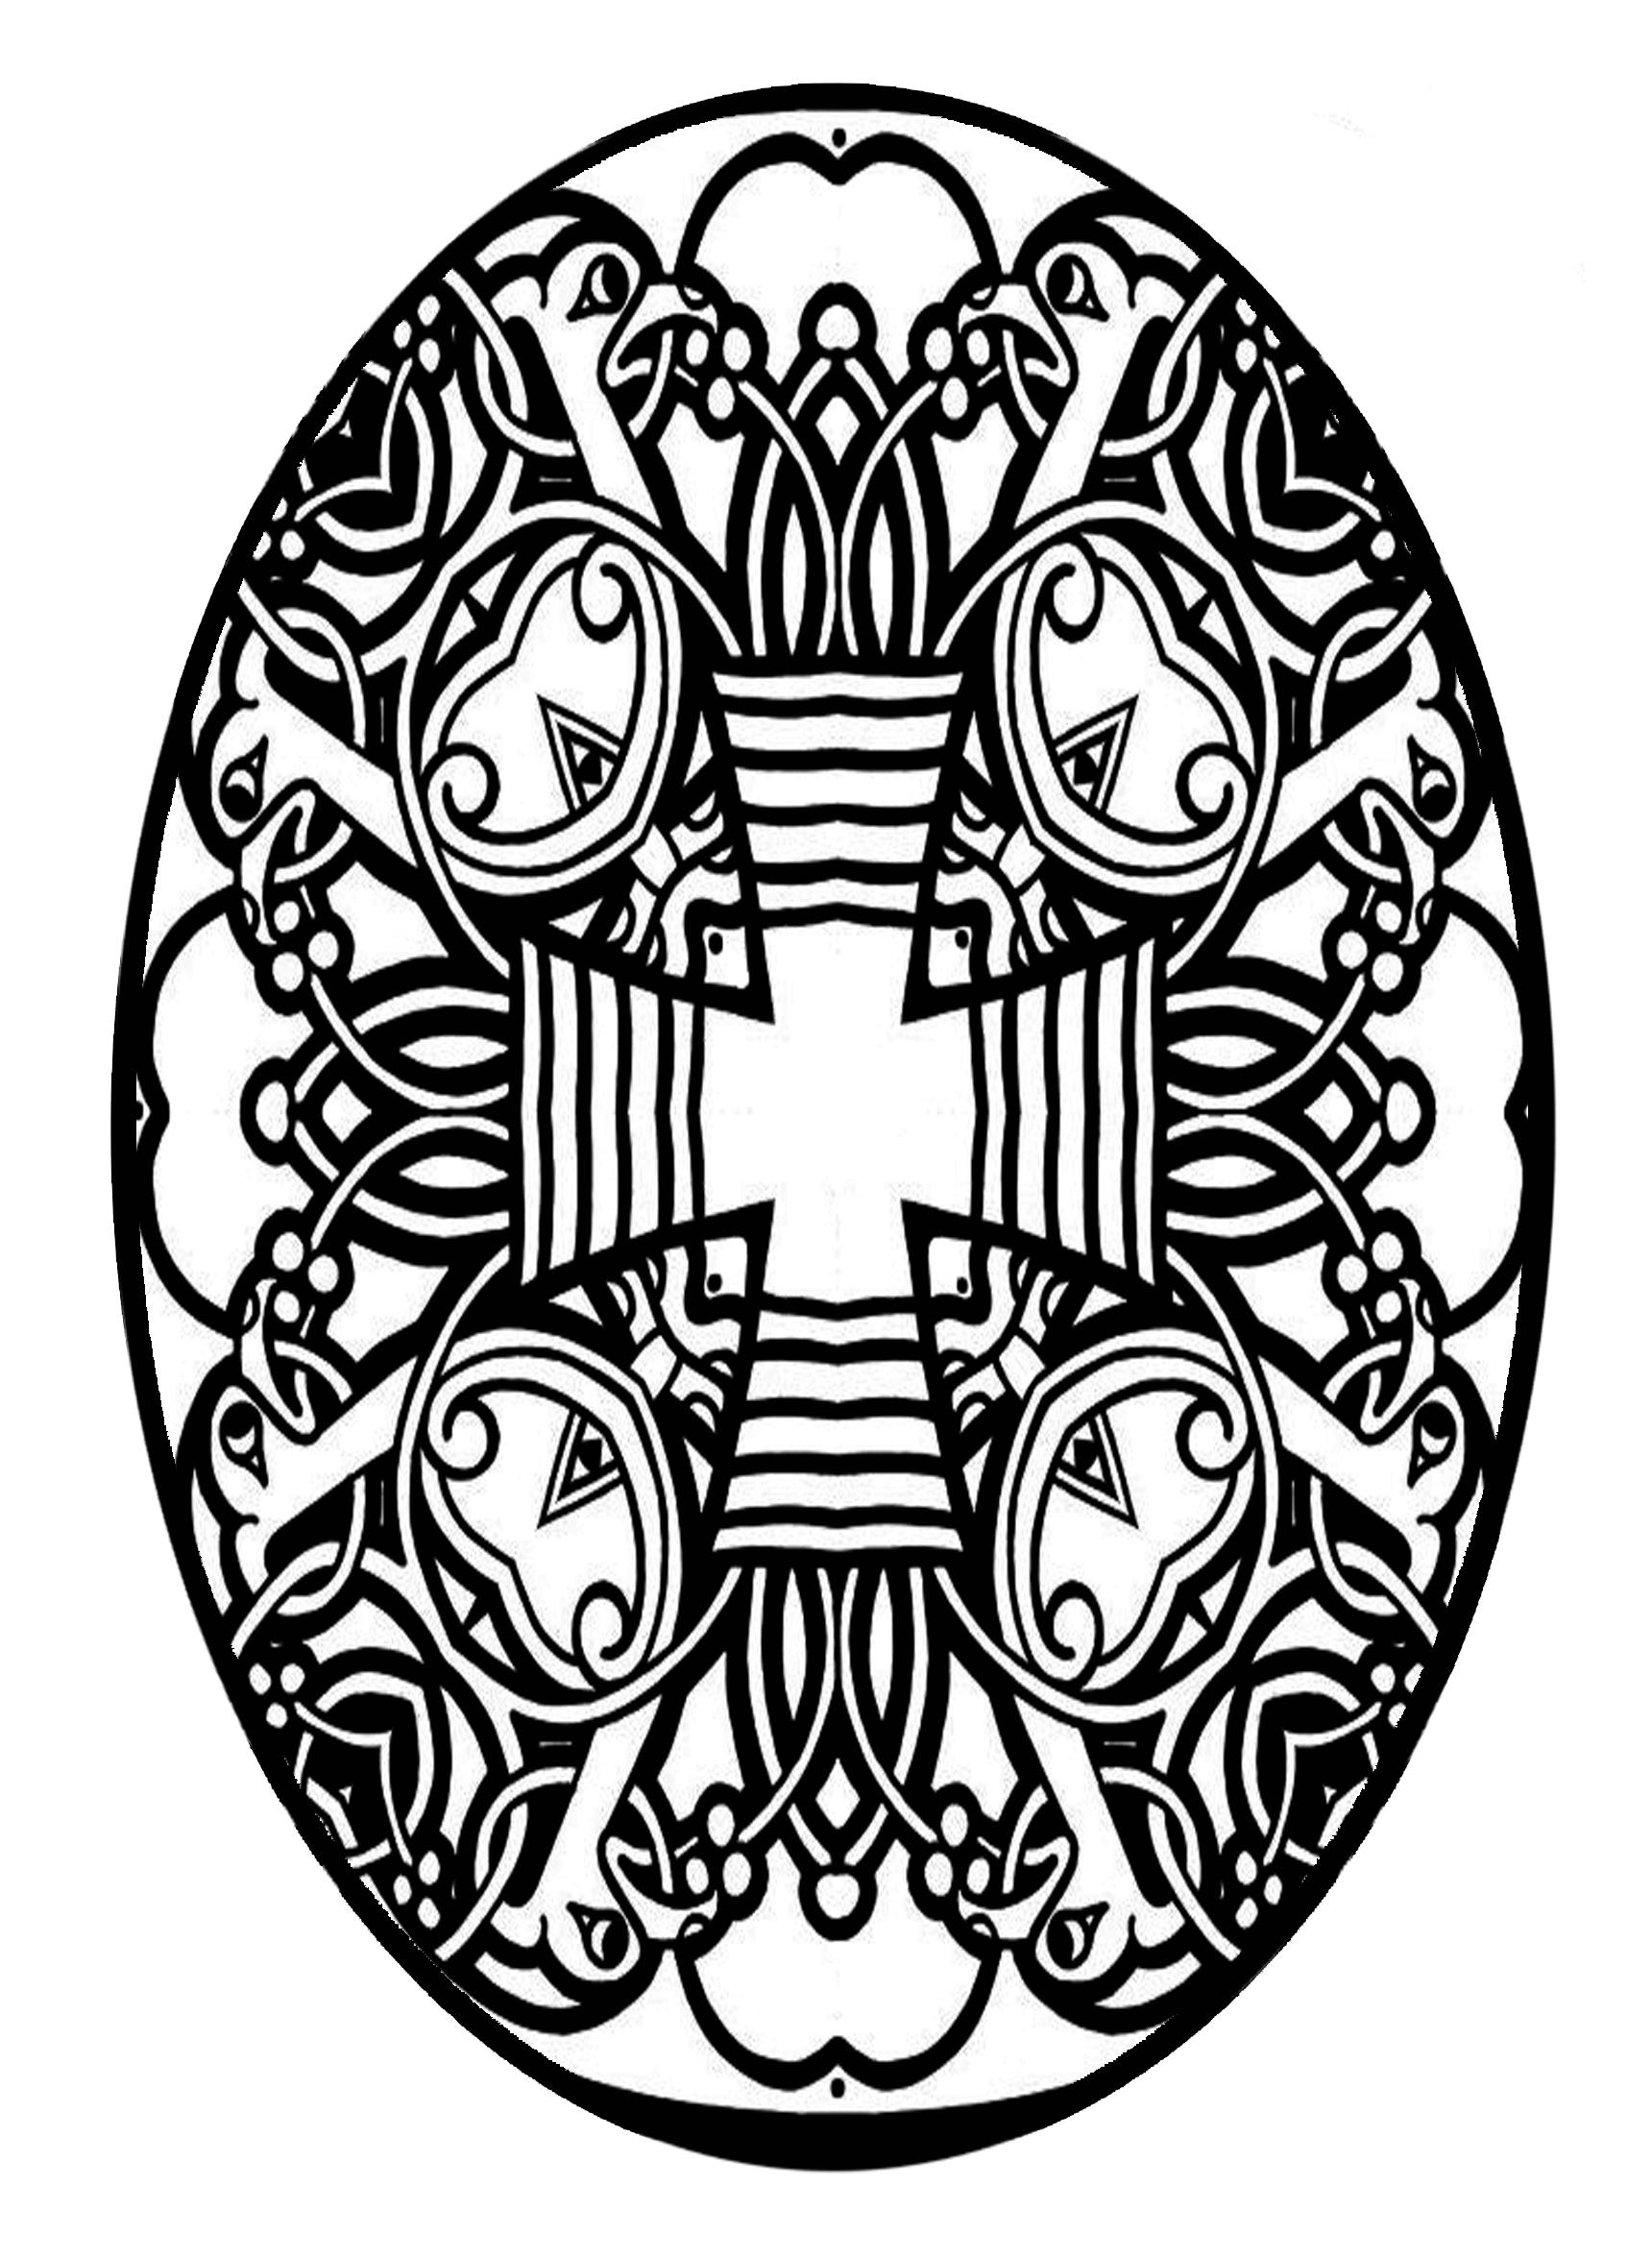 easter egg color page fancy easter egg coloring page free printable coloring pages egg page color easter